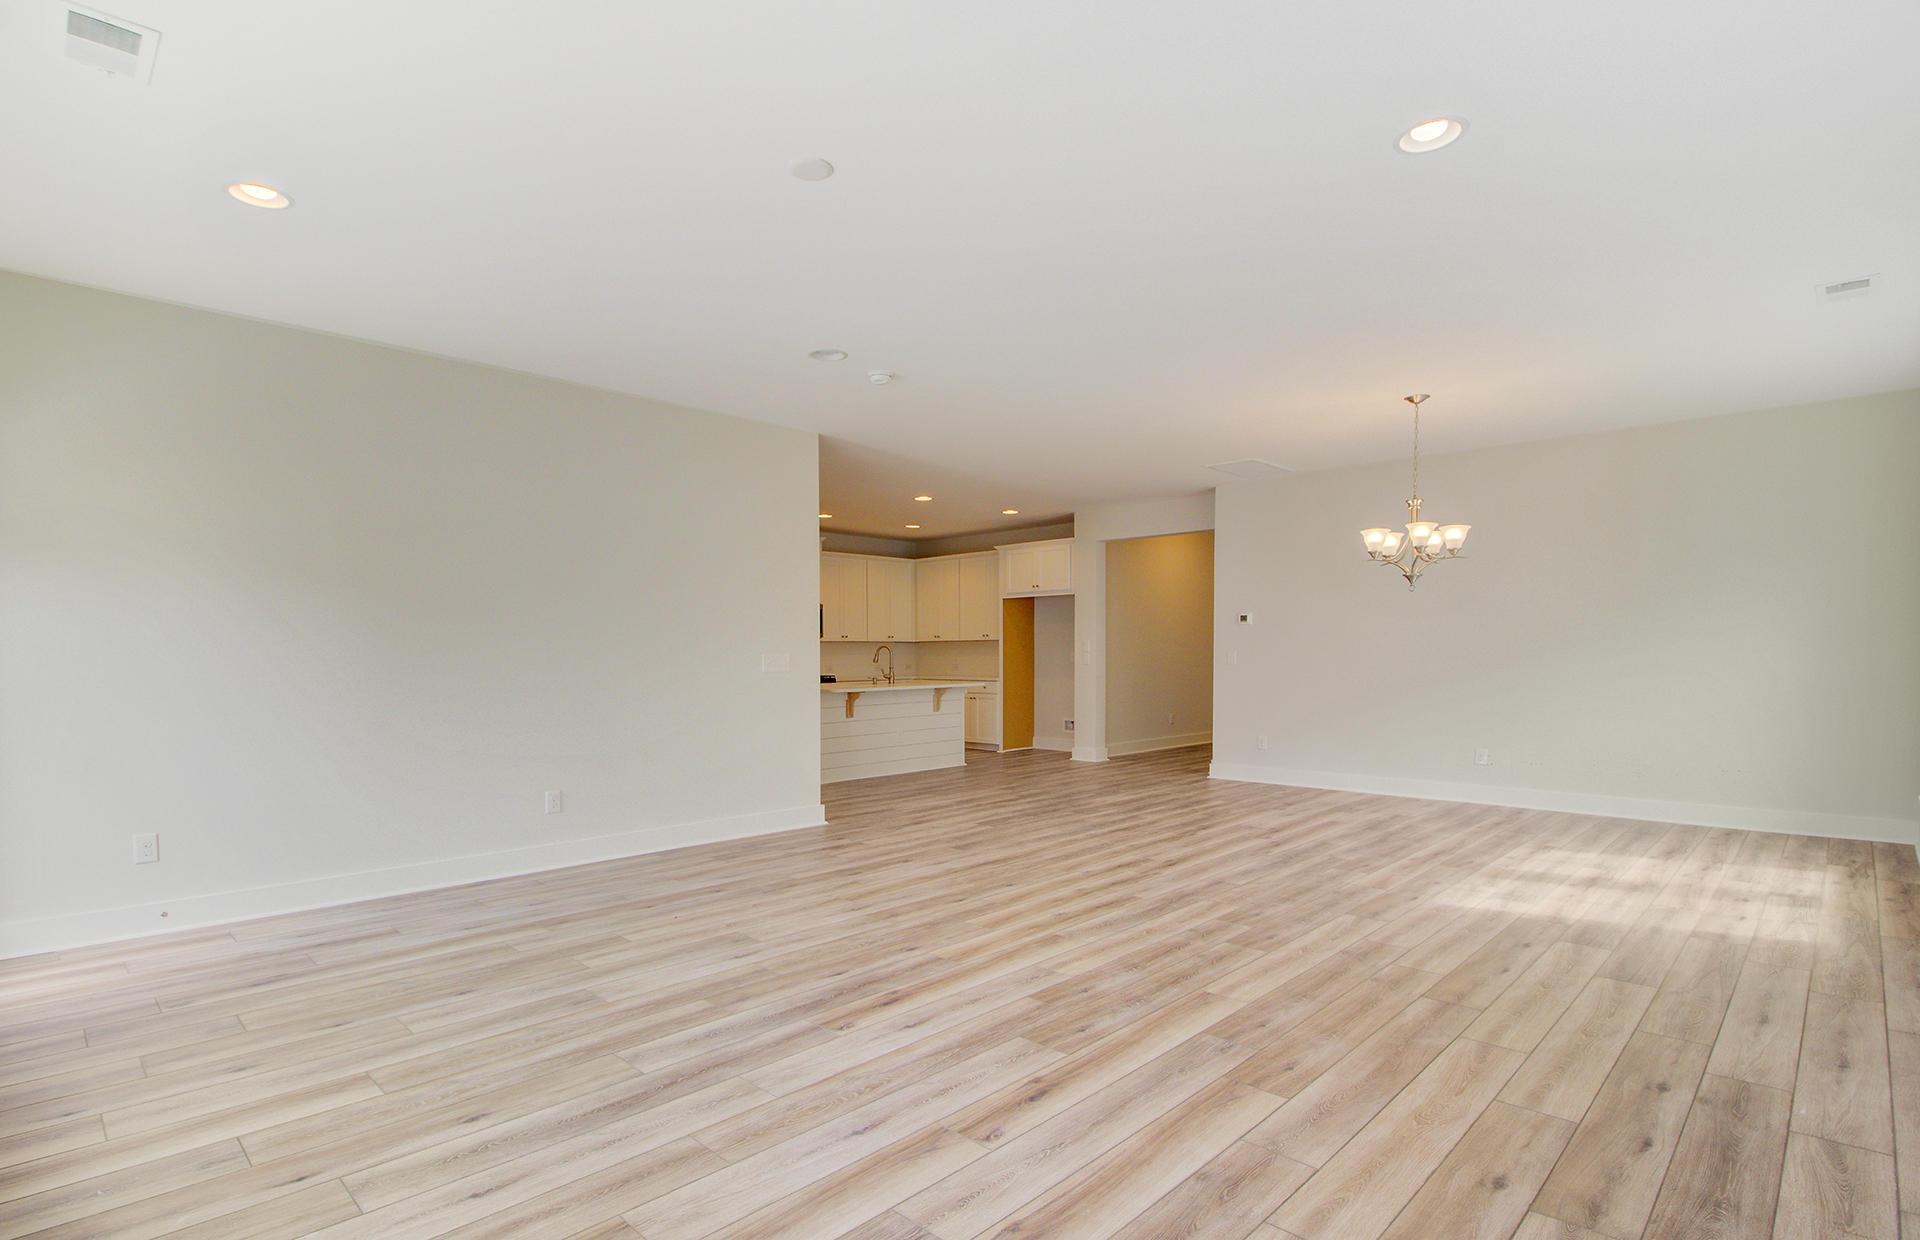 Park West Homes For Sale - 3032 Caspian, Mount Pleasant, SC - 13